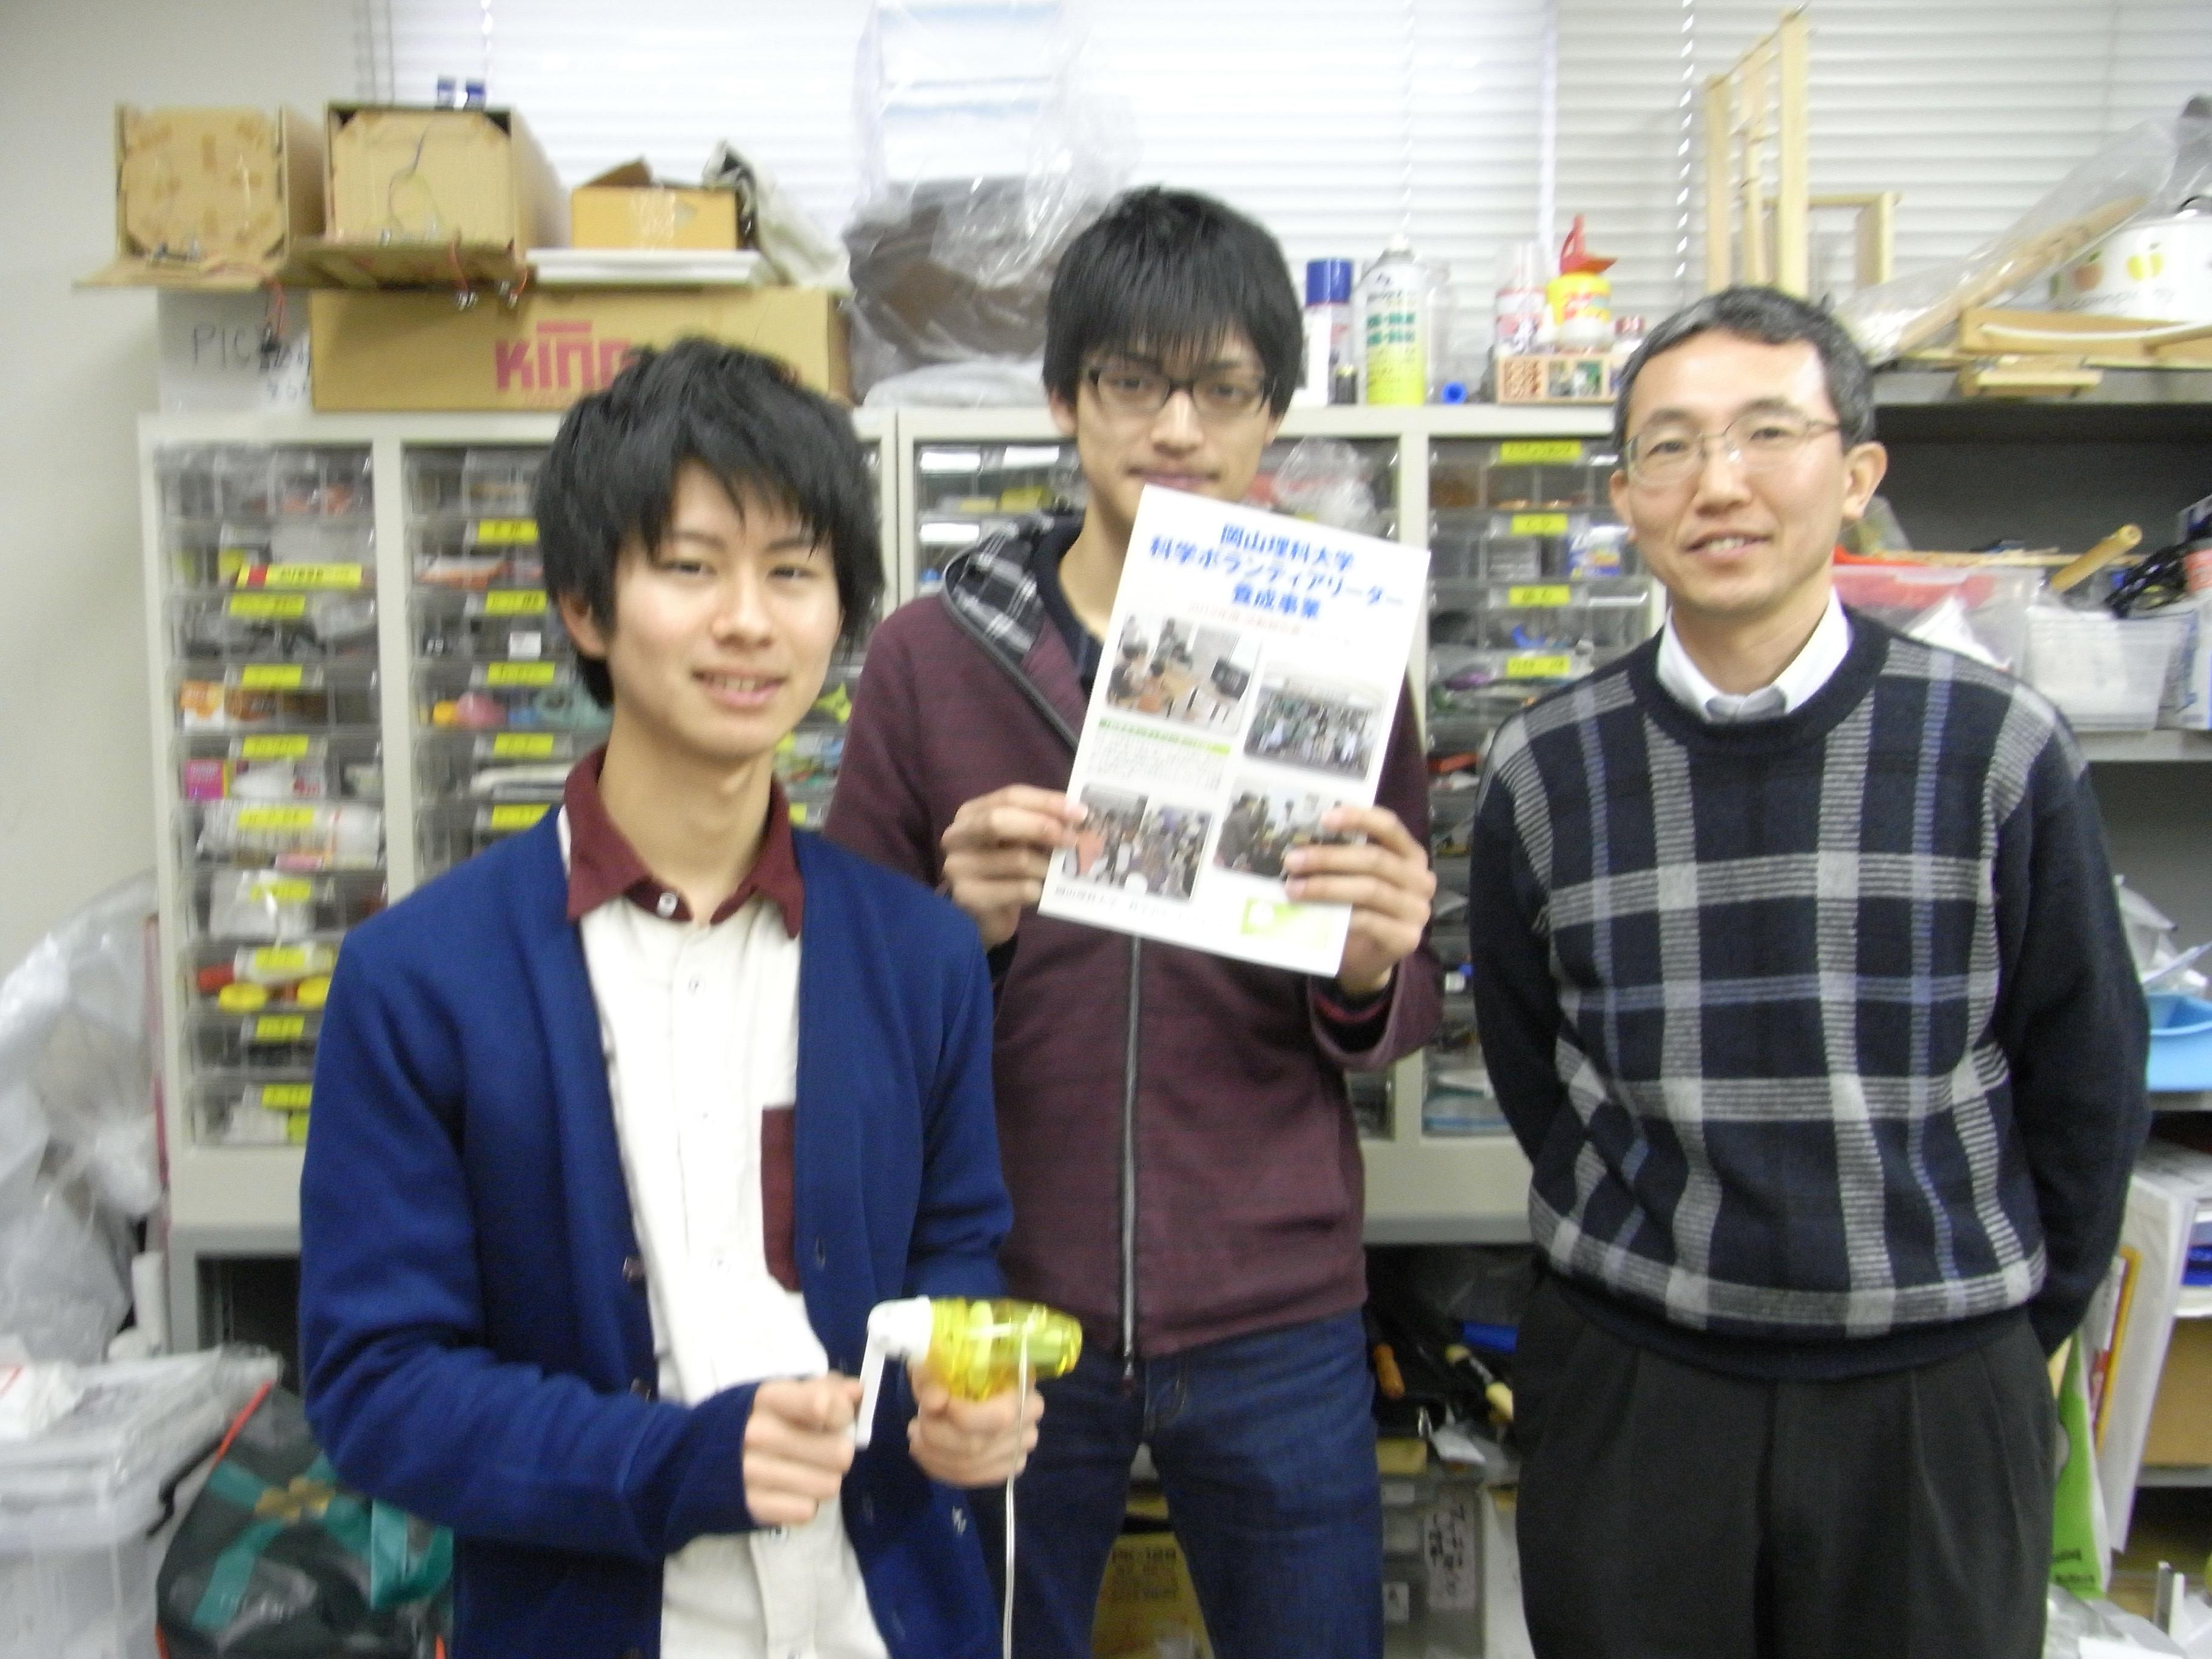 「とびたて街へ! 科学ボランティアリーダー!」(岡山理科大学科学ボランティアセンター 学生会さん)